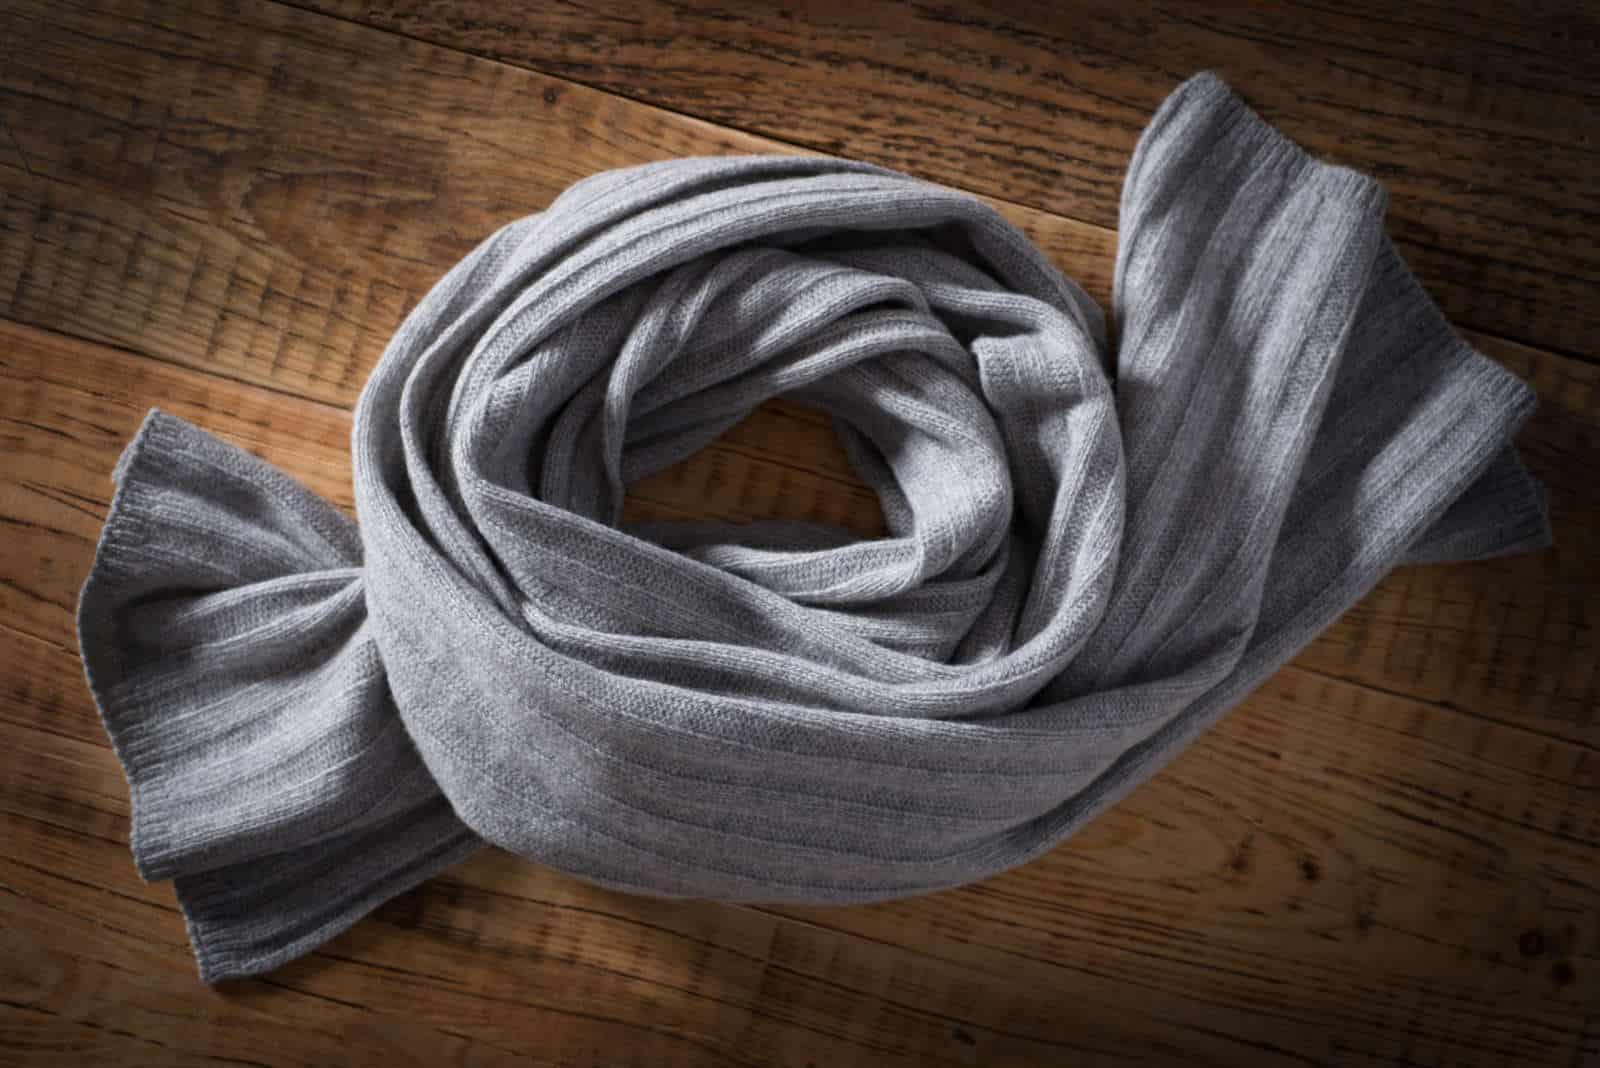 Modne, eleganckie szaliki o wielu wzorach i zróżnicowanej kolorystyce.